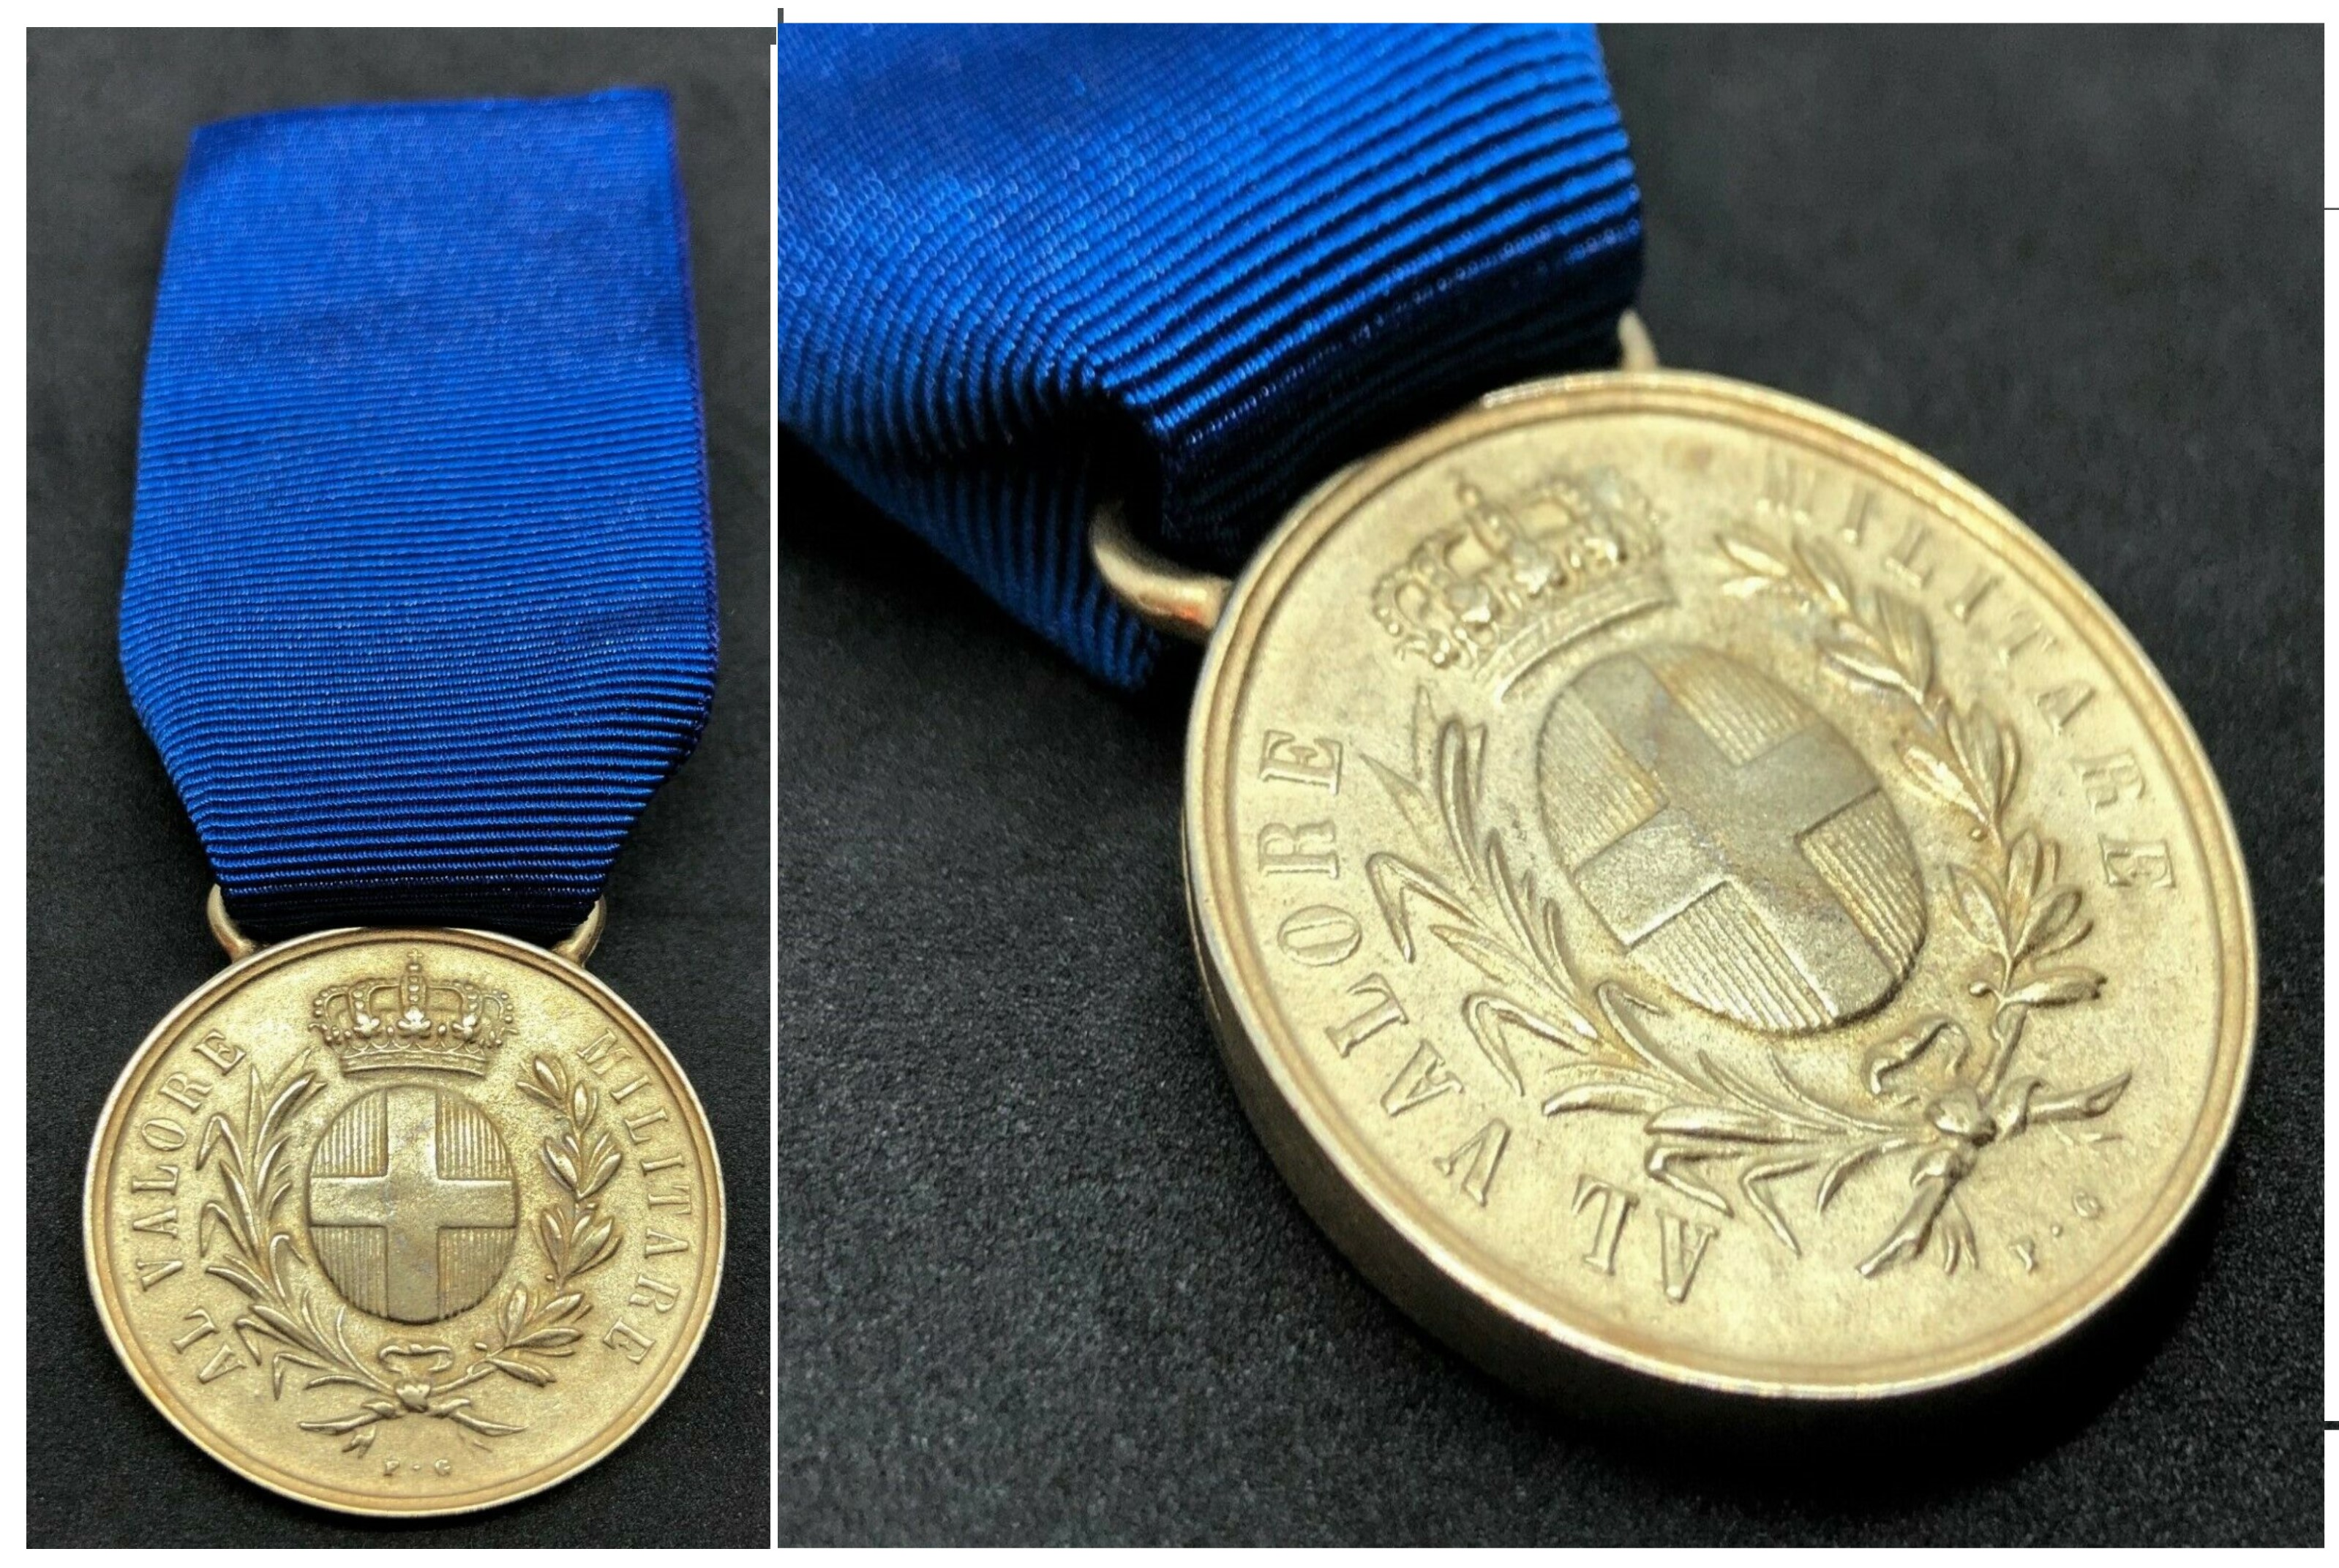 Medaglia-al-valor-militare-del-Regno-Oro-_57jpg